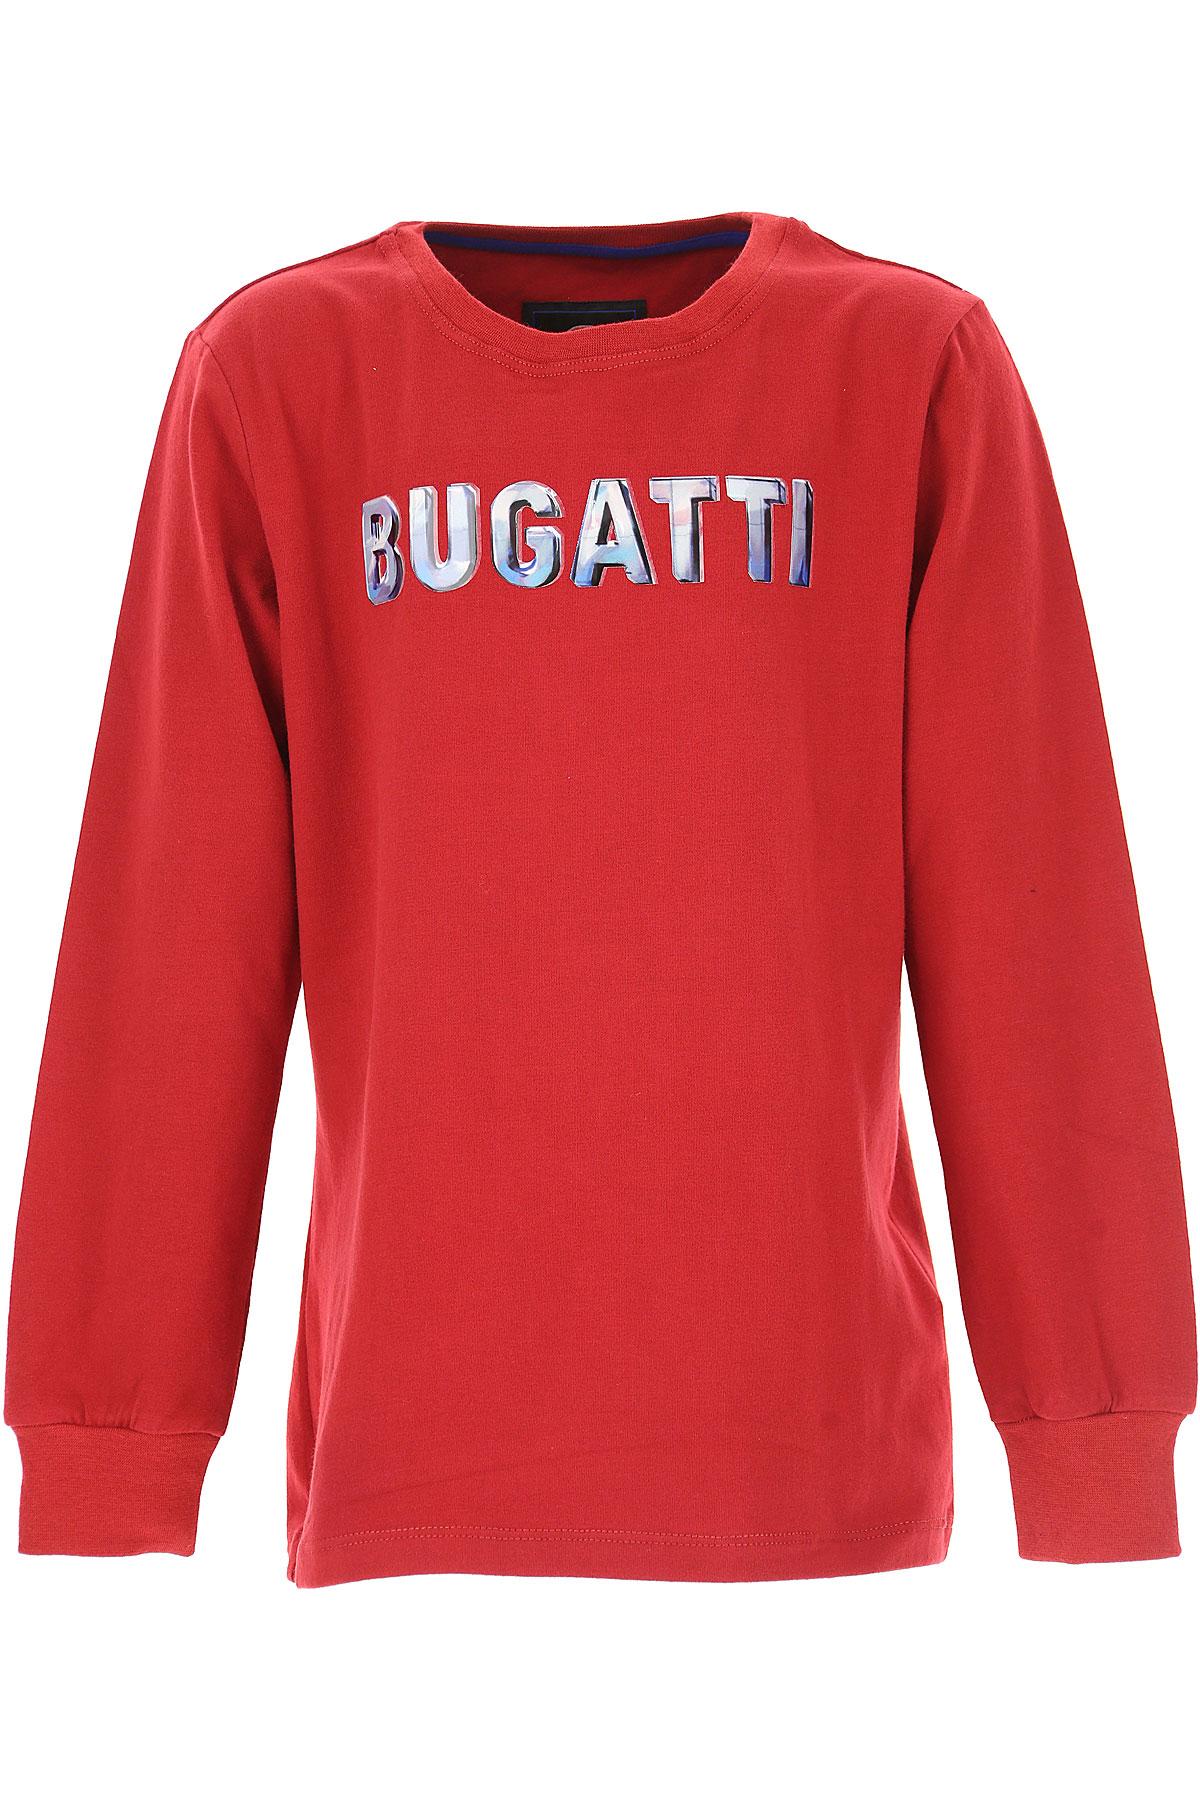 Bugatti Kids T-Shirt for Boys, Red, Cotton, 2017, 10Y 14Y 16Y 8Y USA-487567